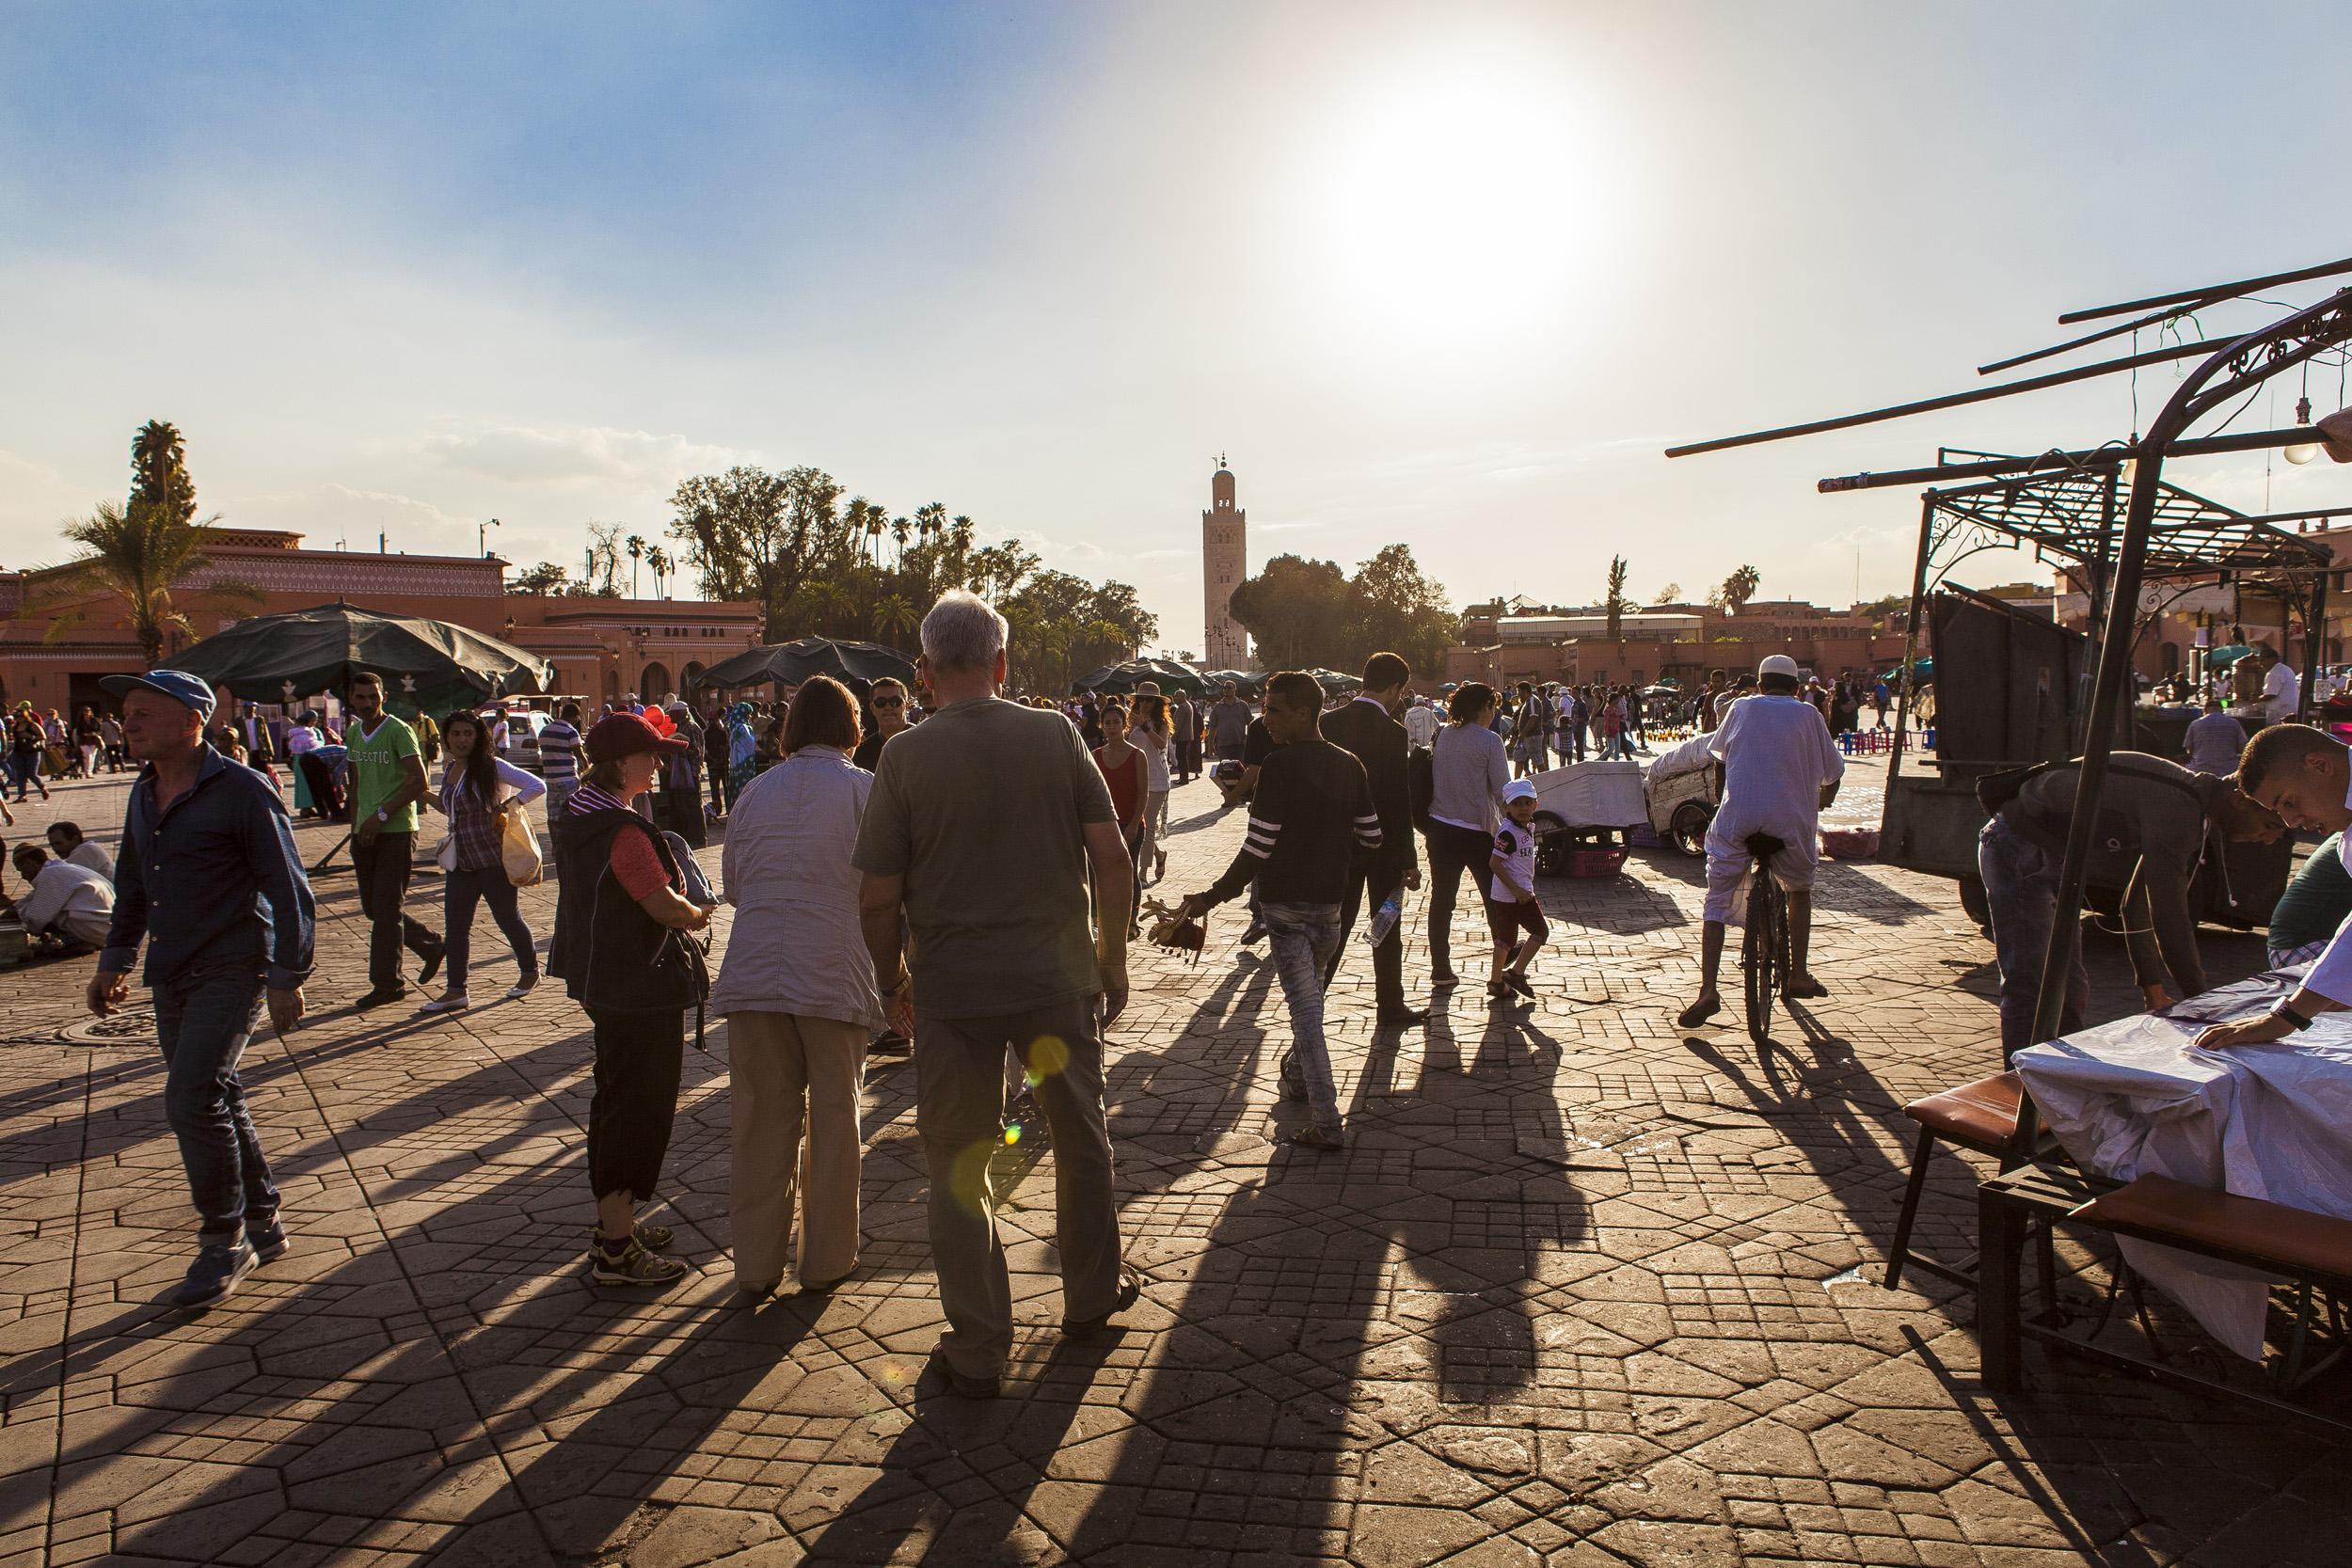 llegada_marrakech_convencion_anual_salerm_cosmetics_proline_79